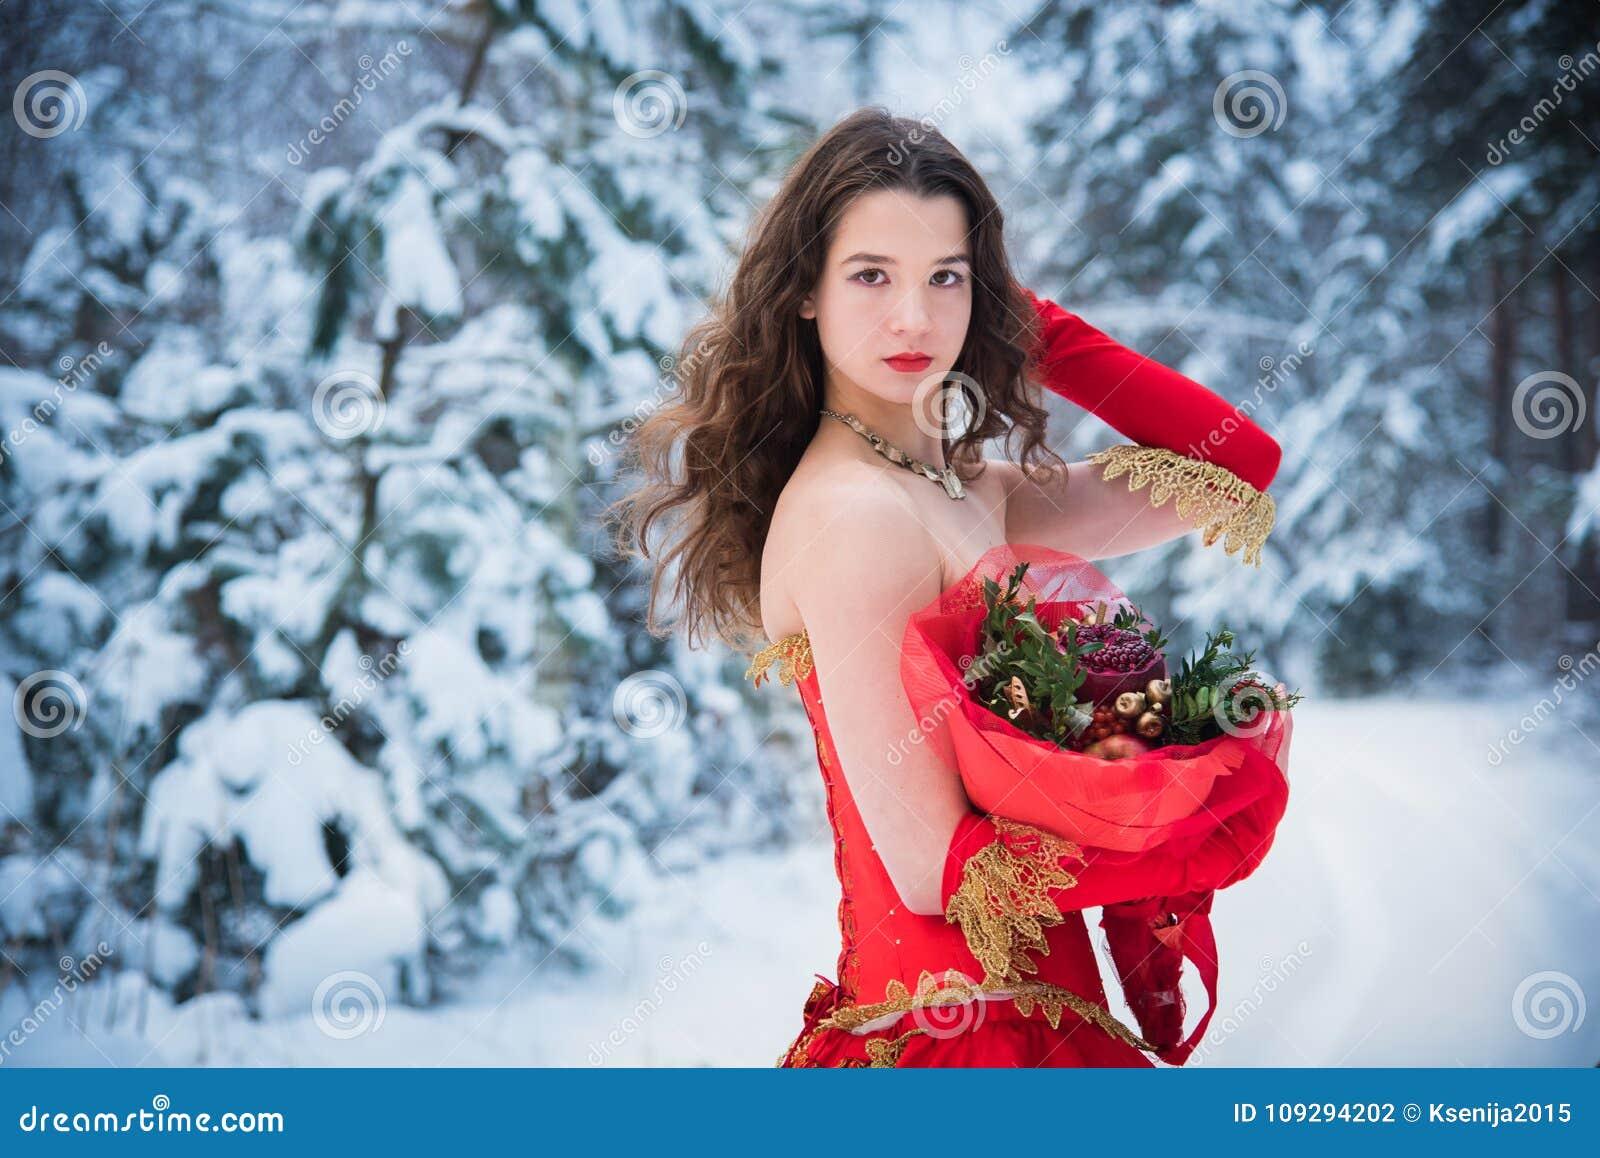 Uma menina em uma imagem do conto de fadas de uma rainha levanta em um vestido vermelho coberto de neve da floresta do inverno po